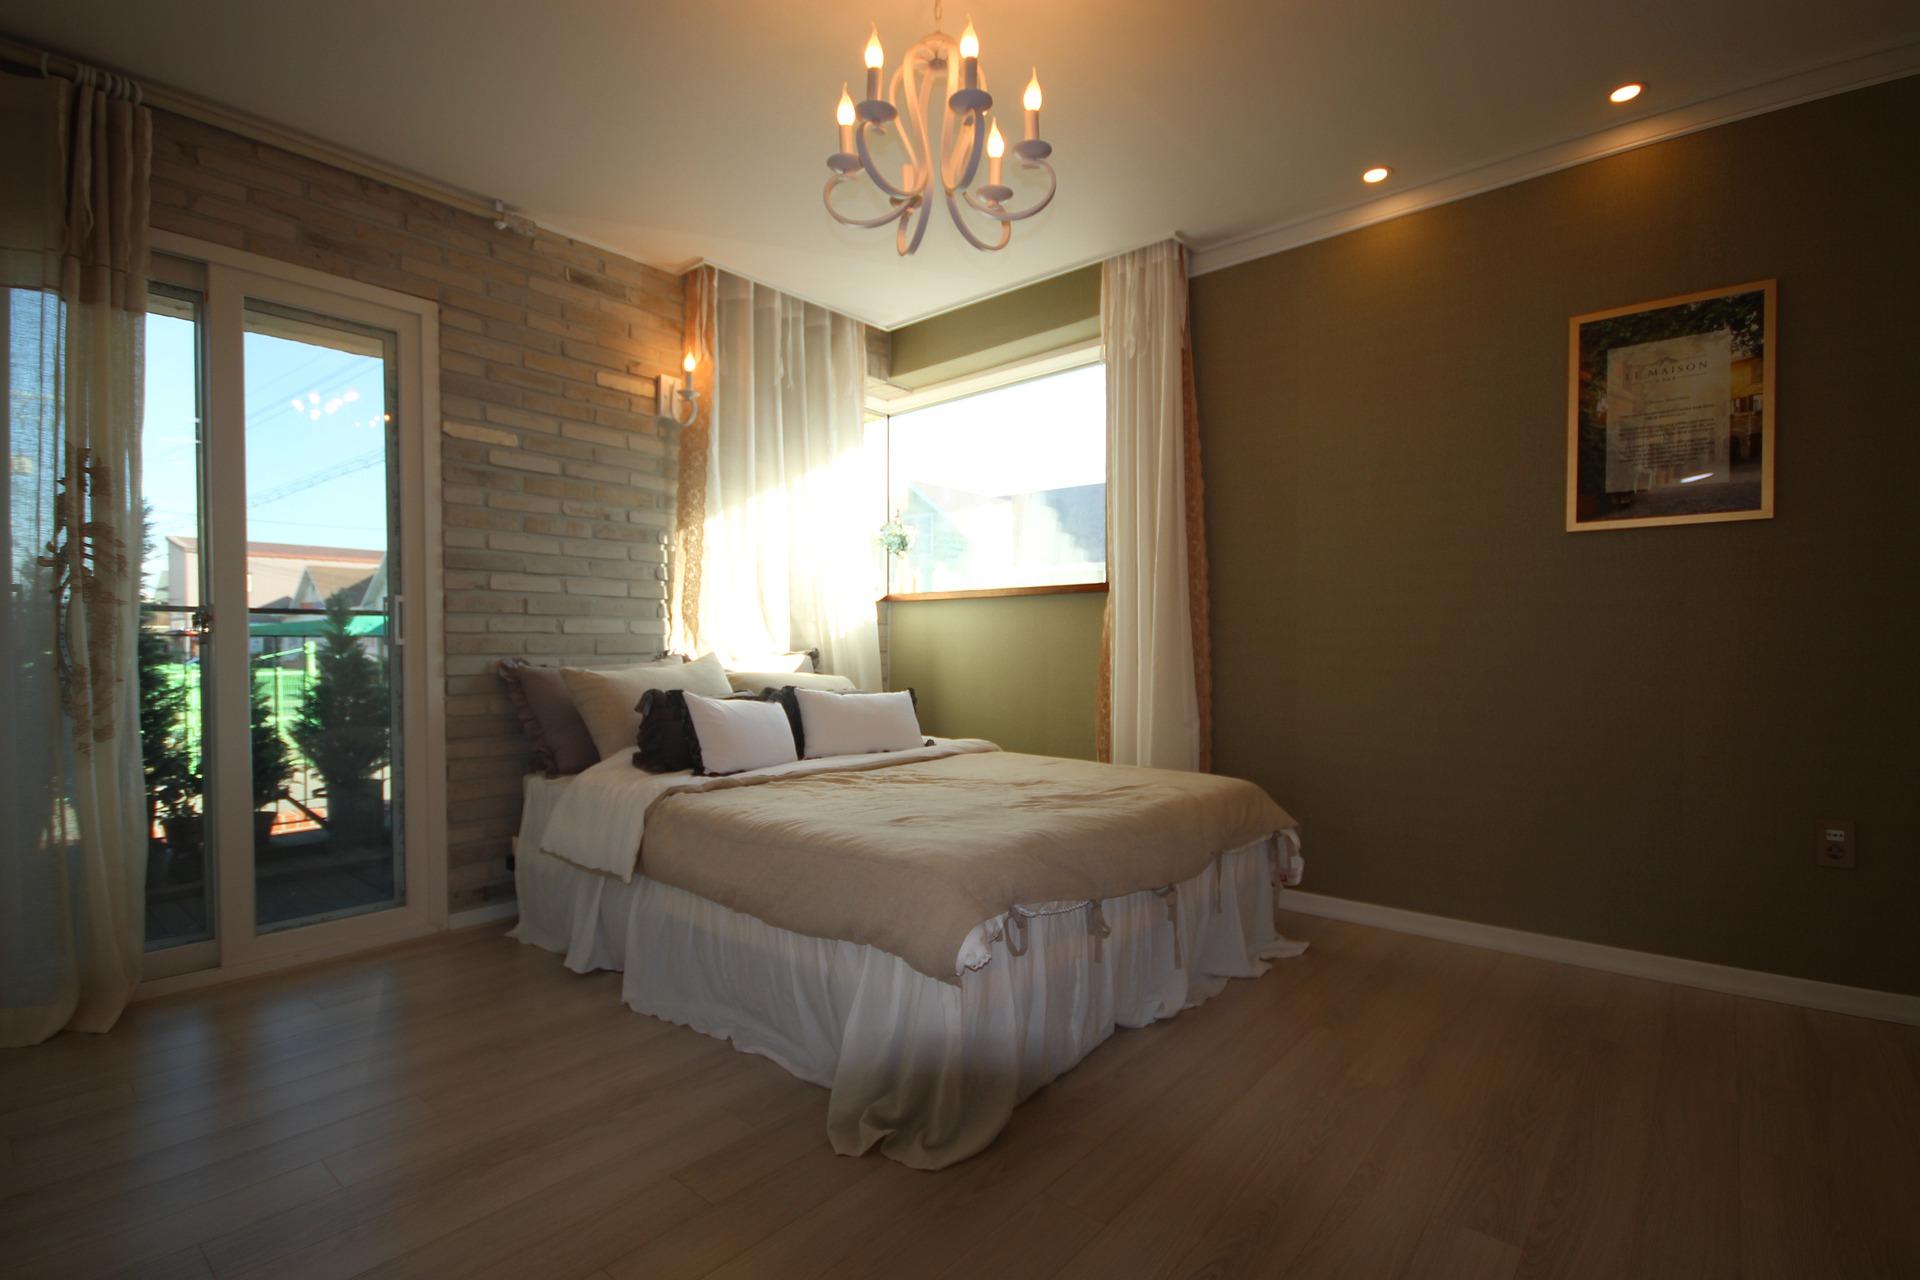 Choix et les caractéristiques des luminaires design pour la chambre